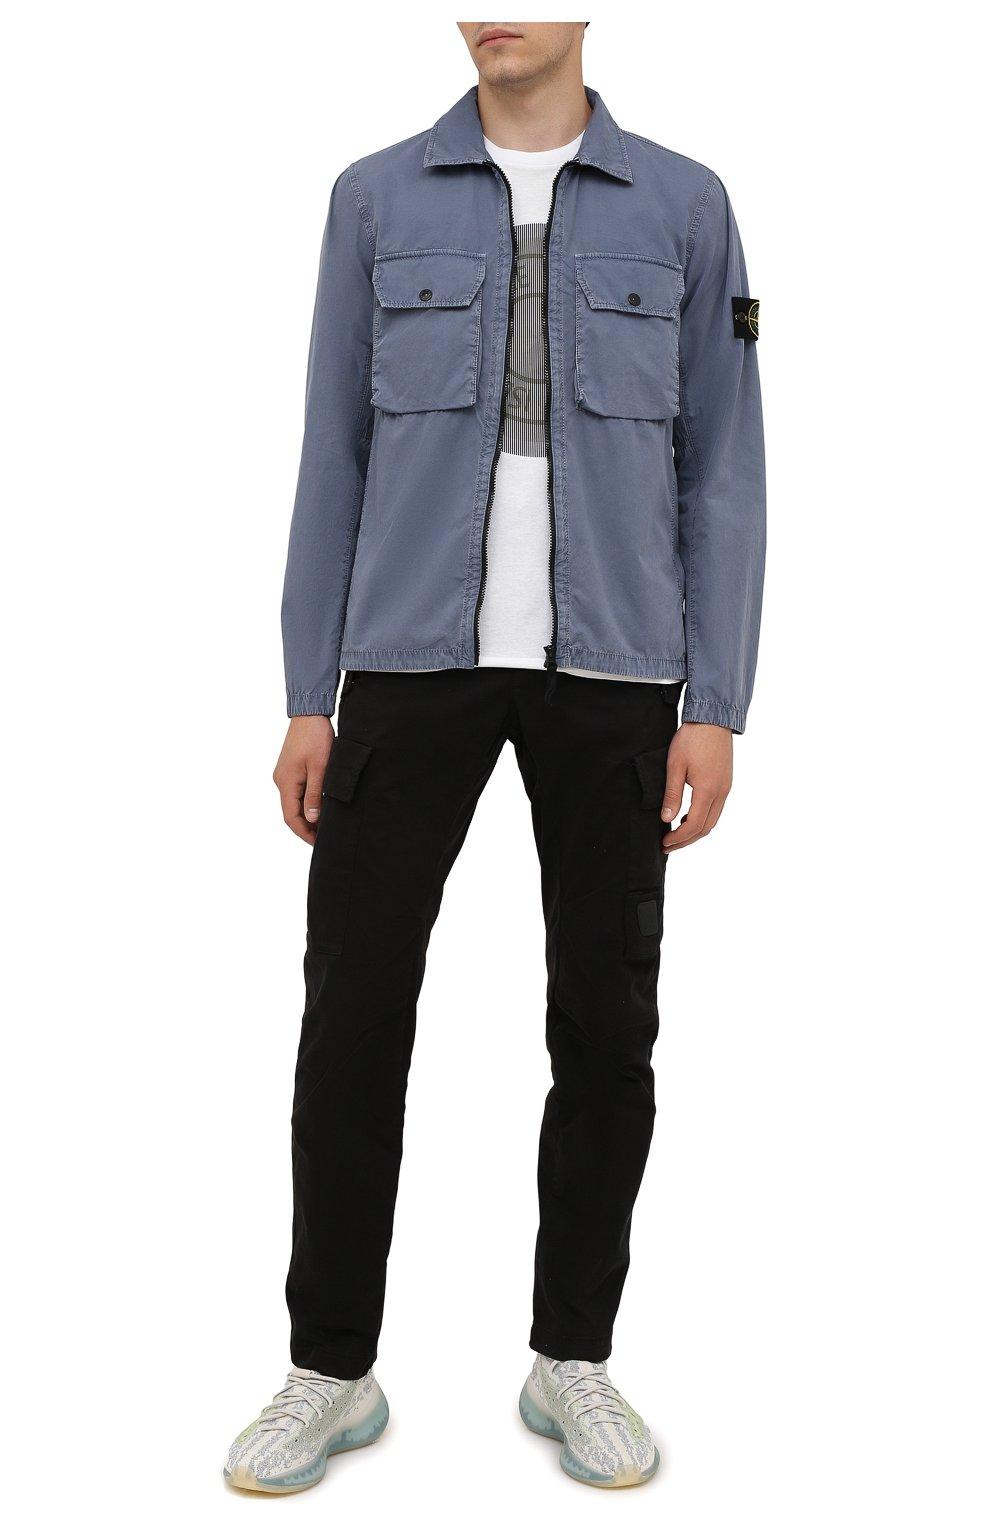 Мужская хлопковая куртка STONE ISLAND синего цвета, арт. 7515113WN | Фото 2 (Кросс-КТ: Куртка, Ветровка; Рукава: Длинные; Материал внешний: Хлопок; Длина (верхняя одежда): Короткие; Стили: Кэжуэл)